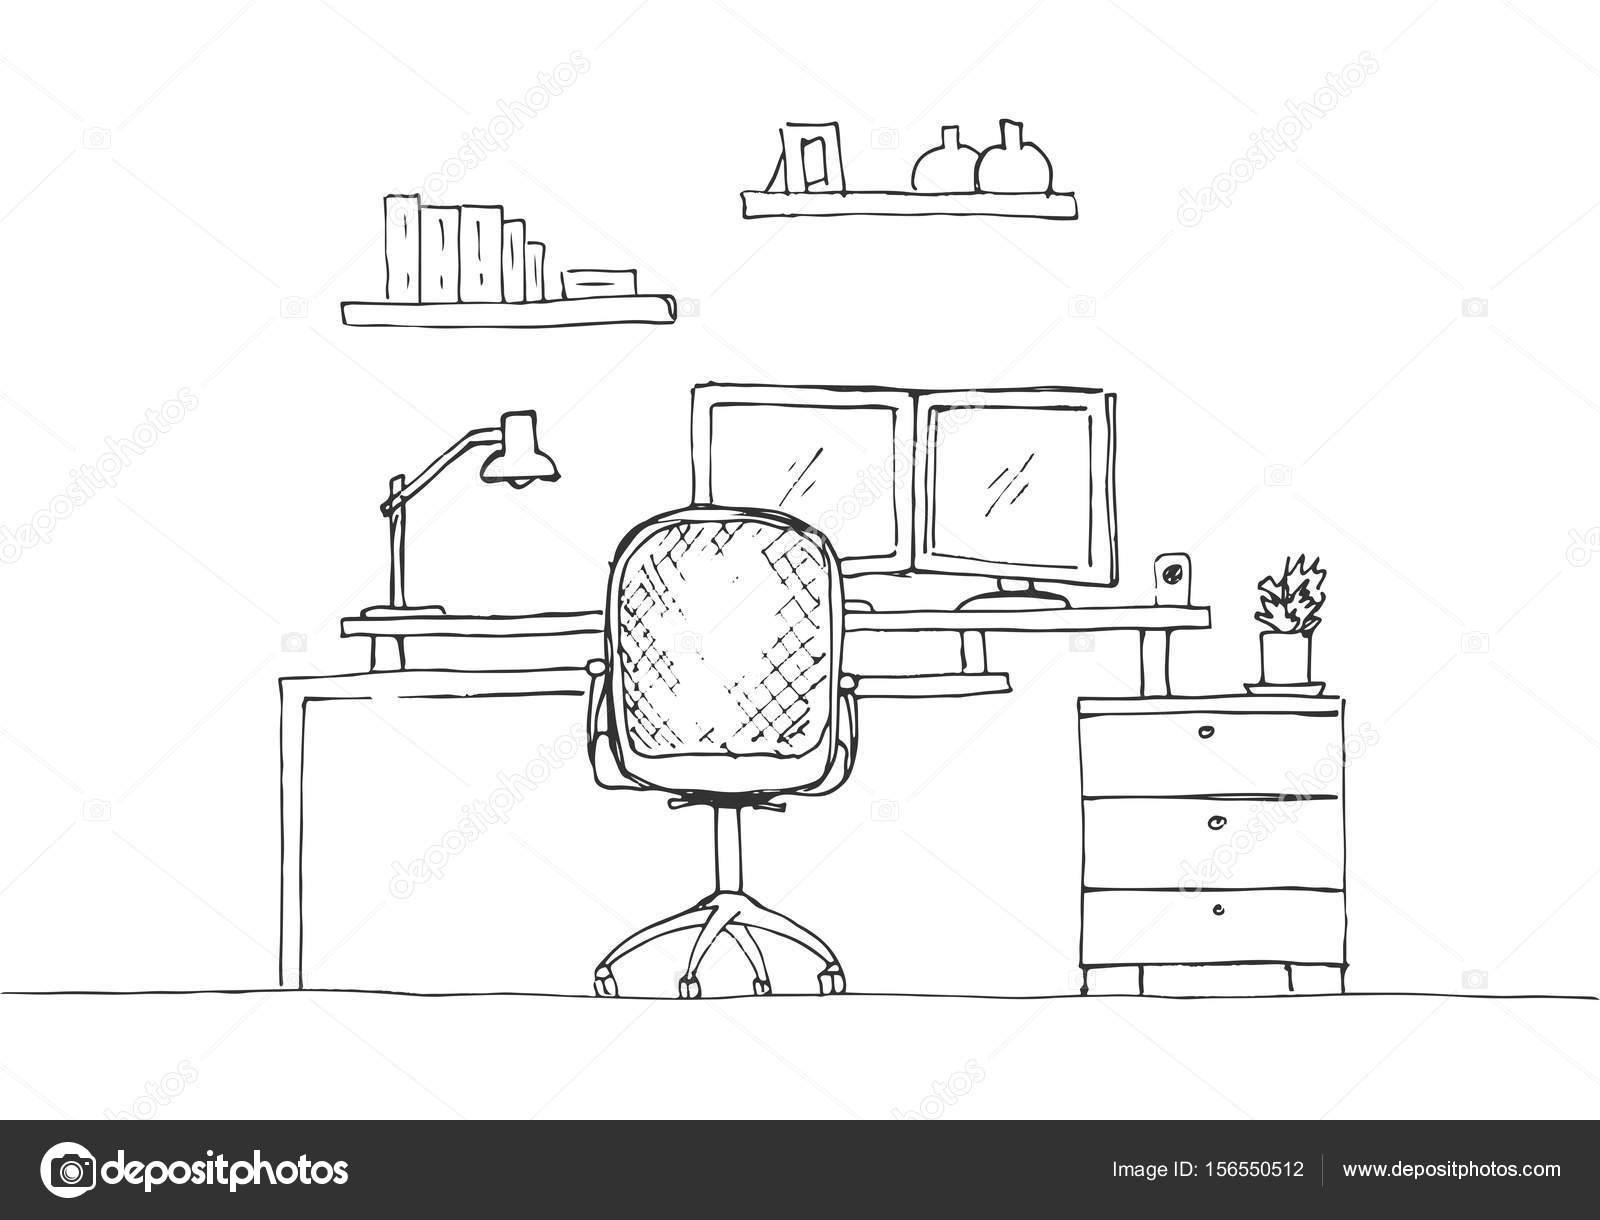 Bürostuhl skizze  Skizzieren Sie das Zimmer. Bürostuhl, Schreibtisch, verschiedene ...